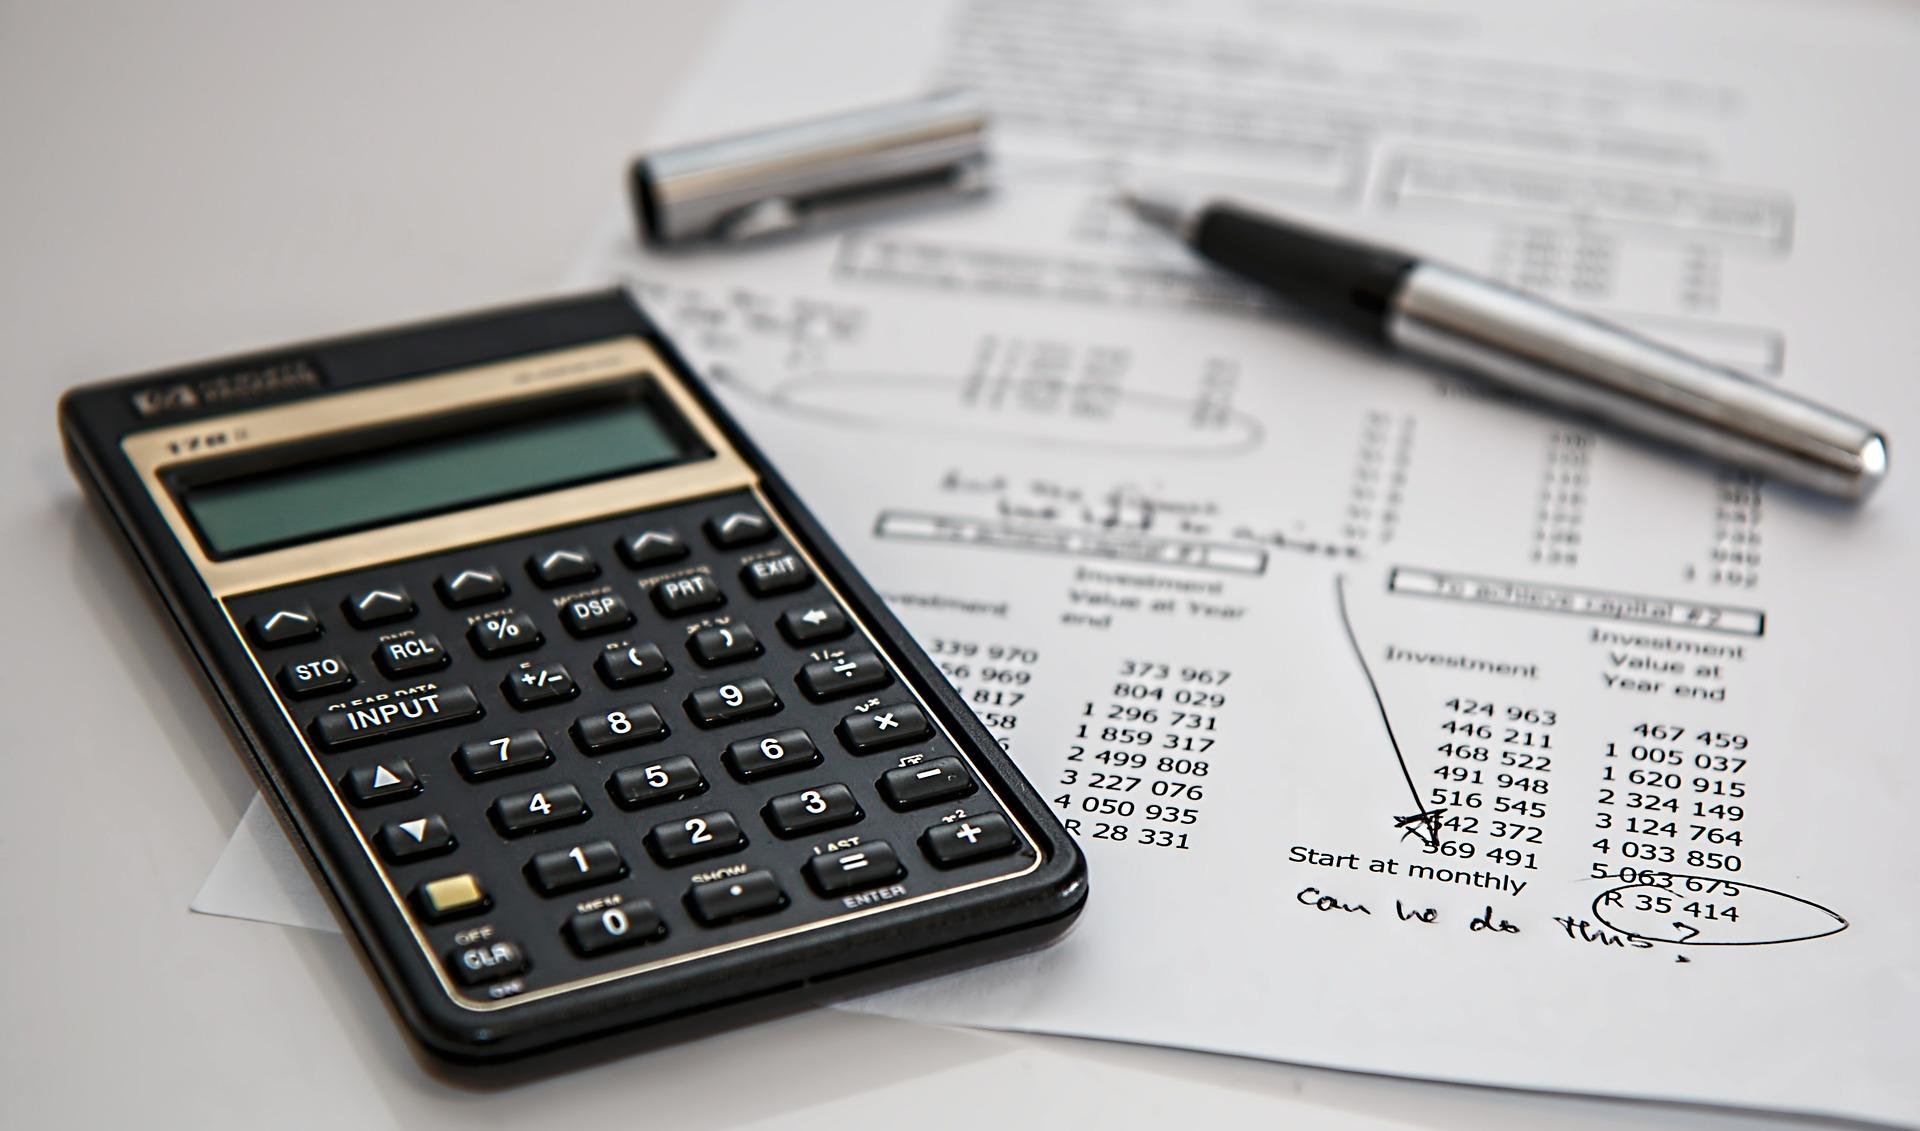 Cómo encontrar el seguro de vida más barato